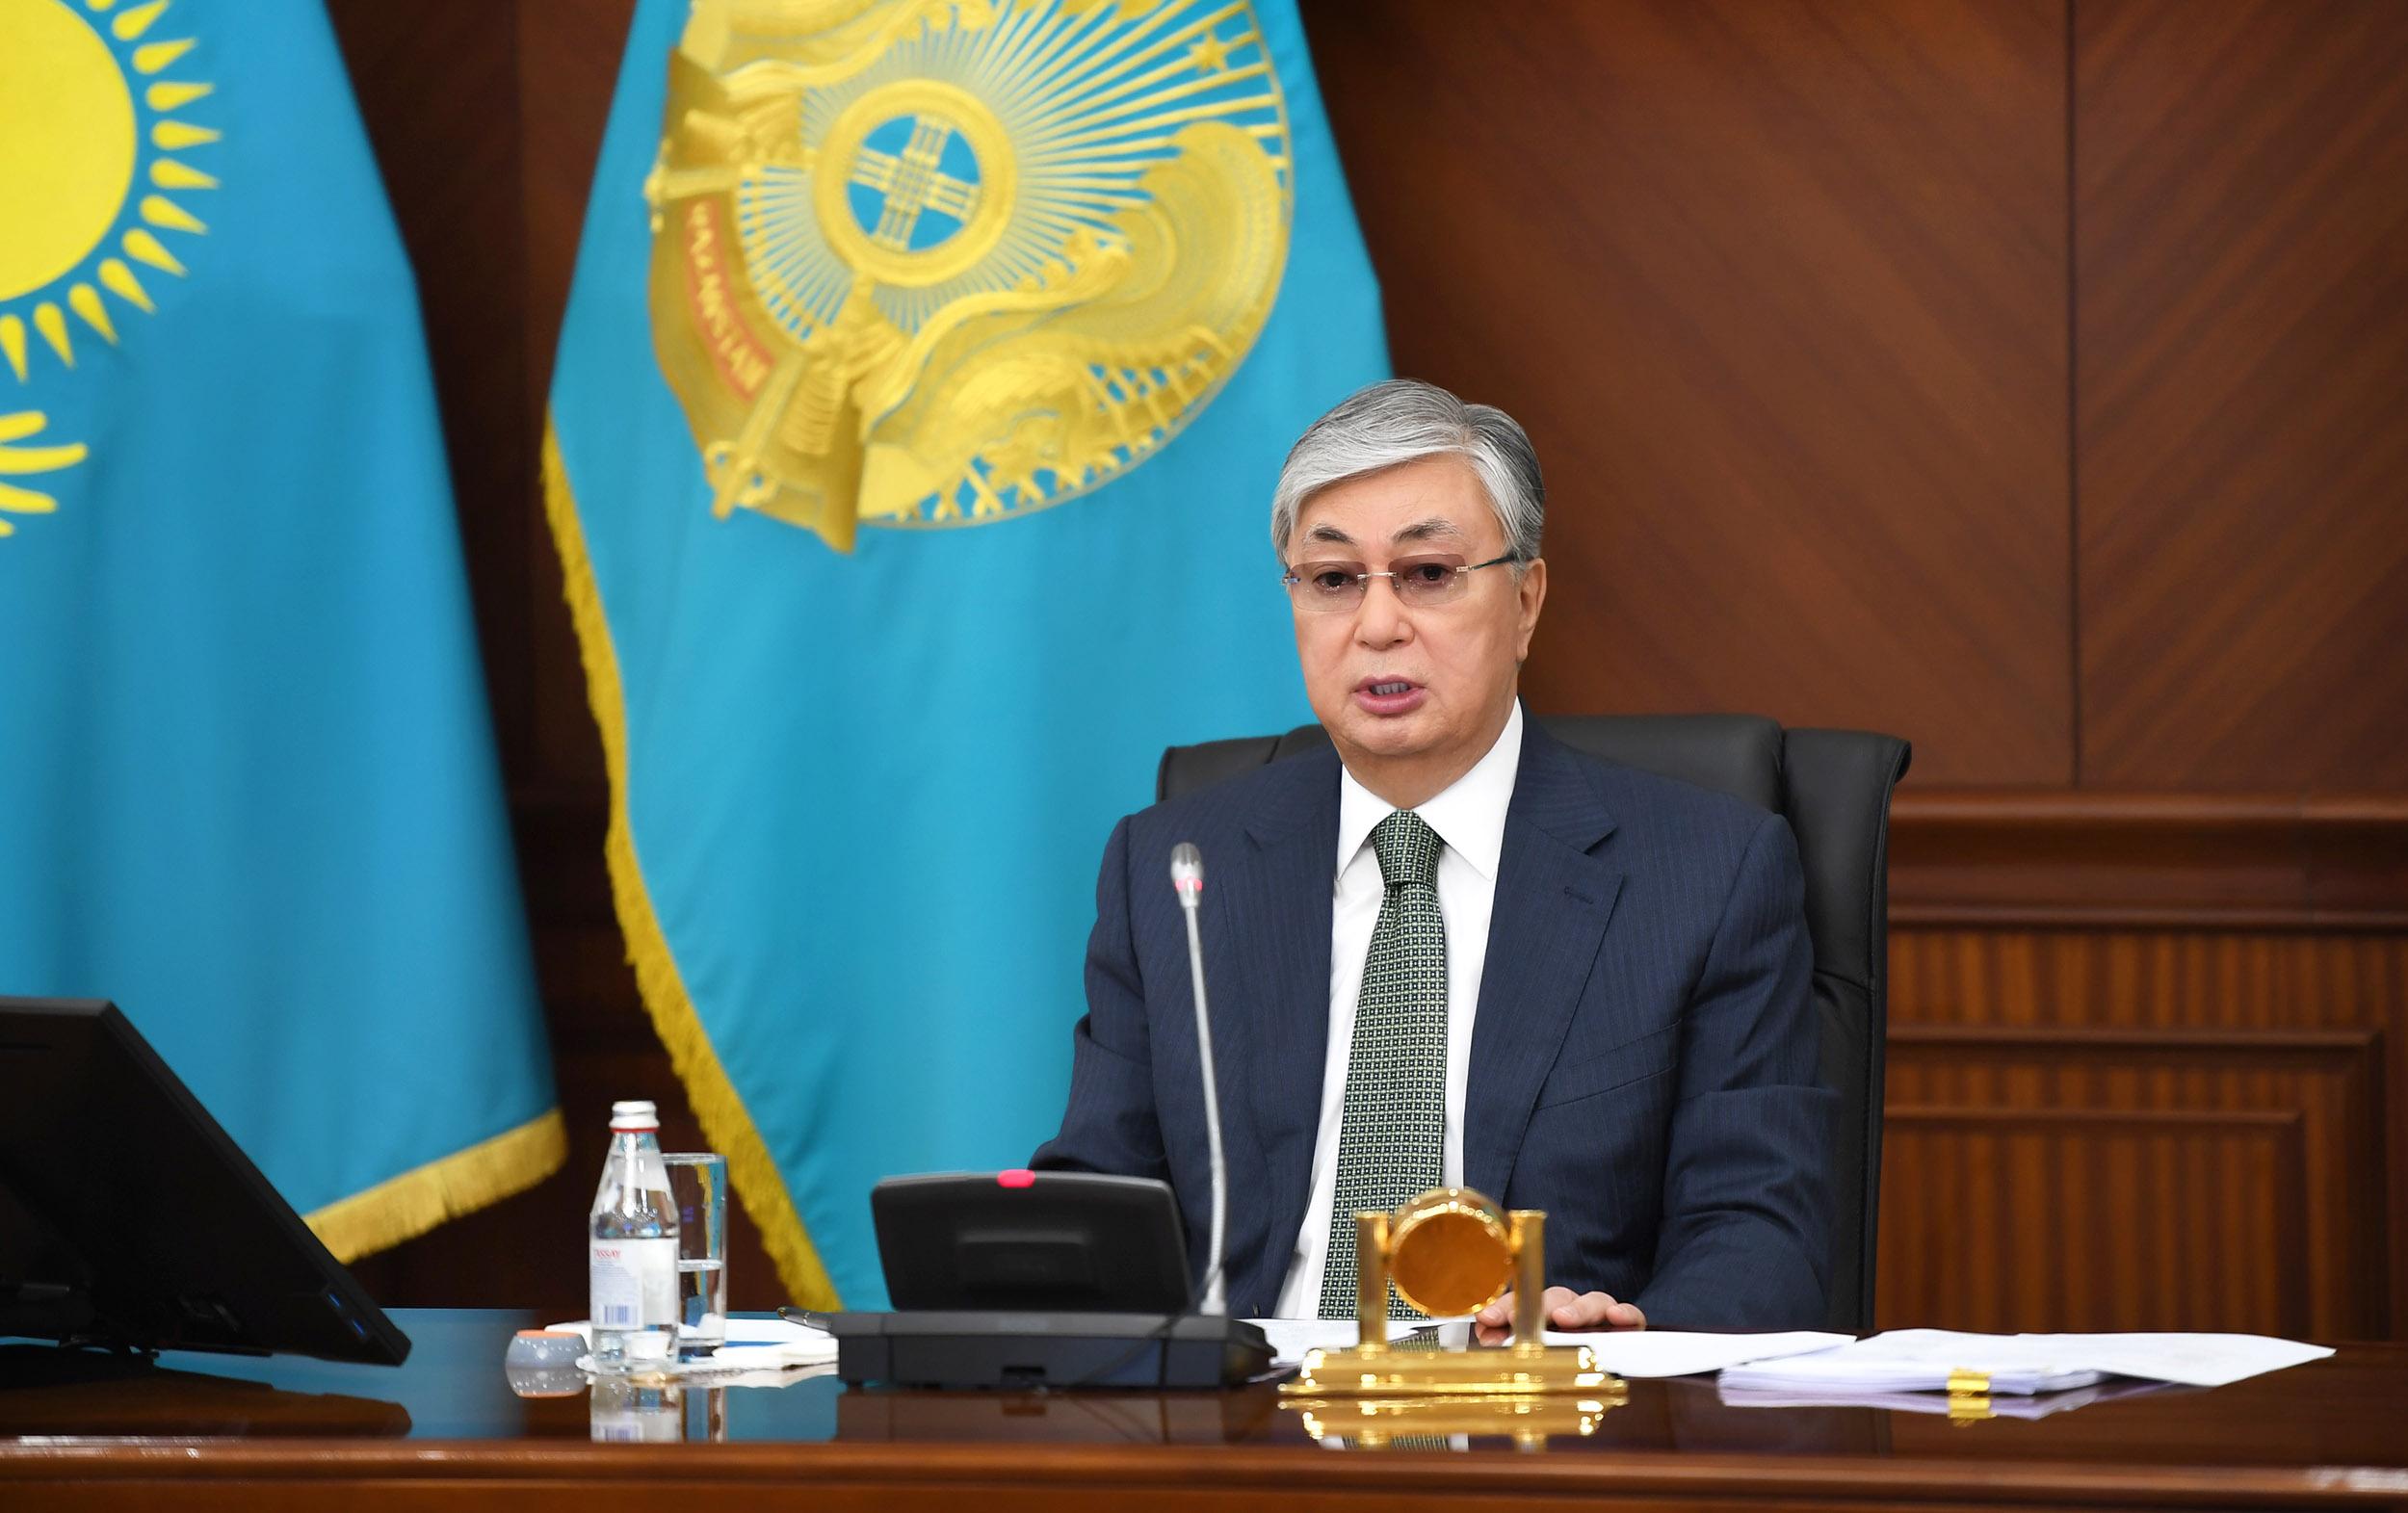 В Казахстане по поручению президента создана правкомиссия по расследованию конфликта в Кордайском районе